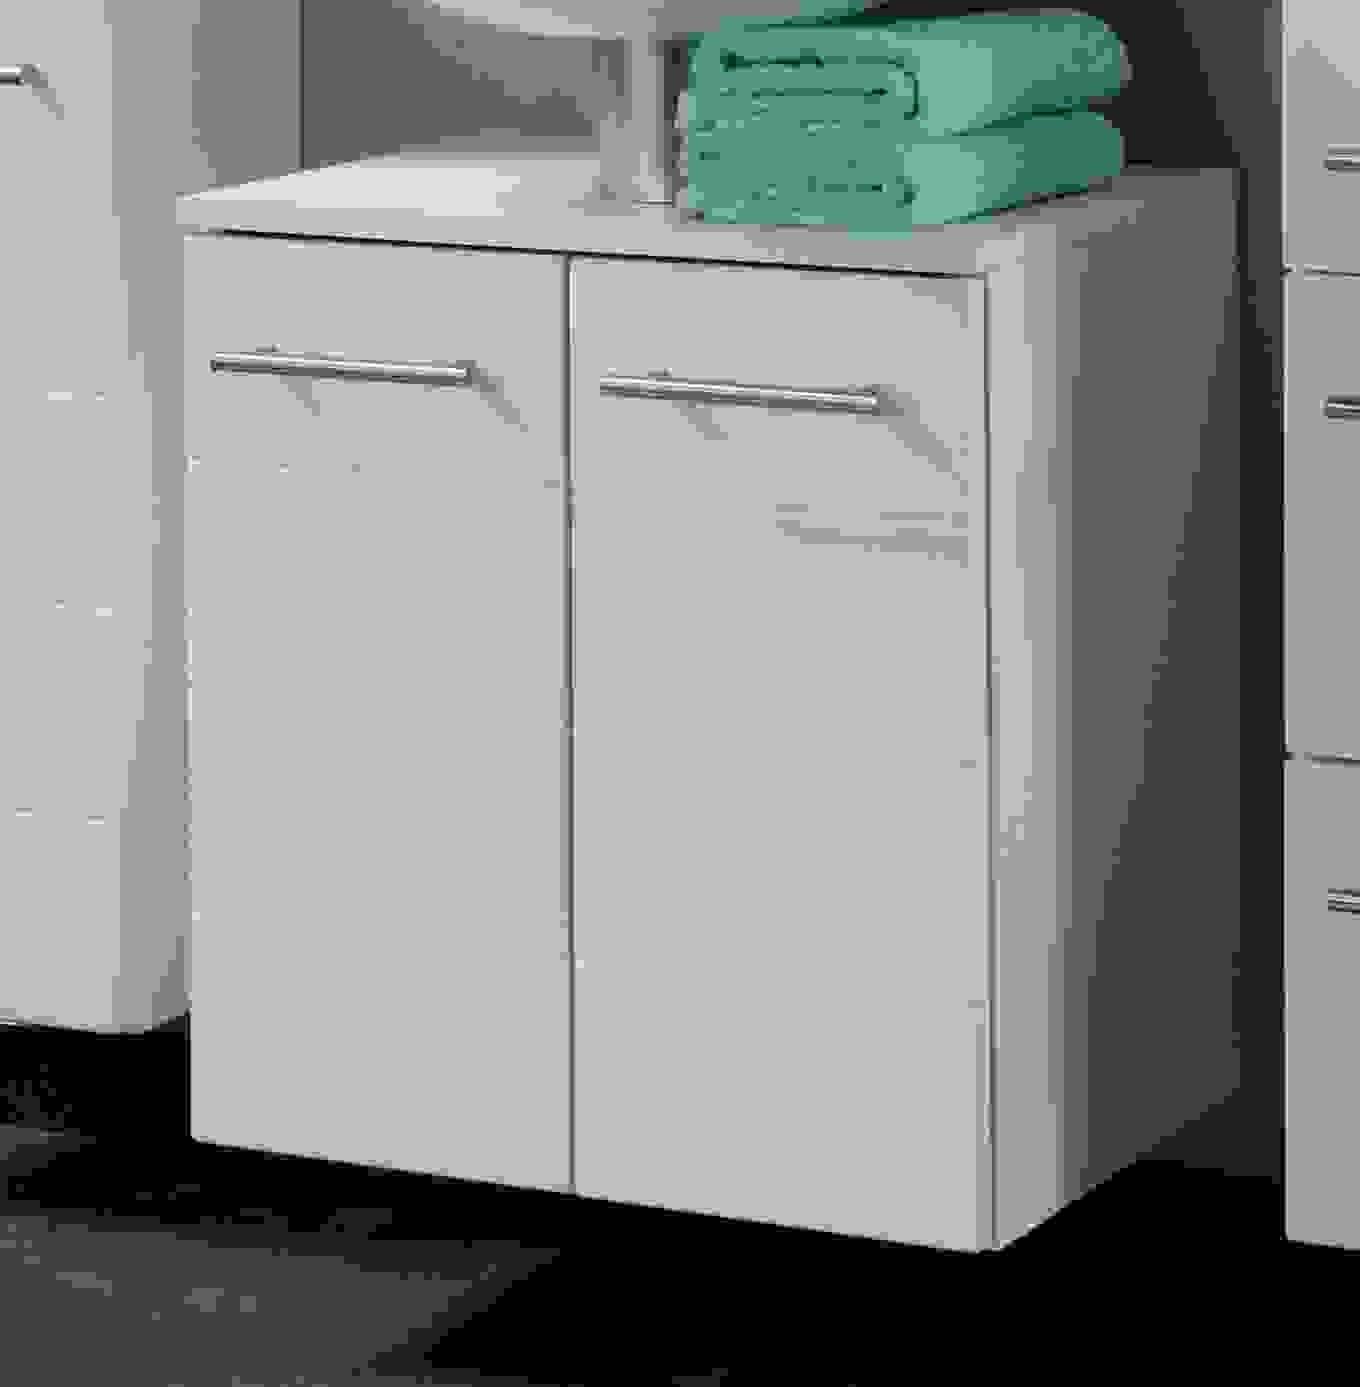 Badezimmer Unterschrank 50 Cm Breit Design Von von Badezimmer Unterschrank 50 Cm Breit Photo